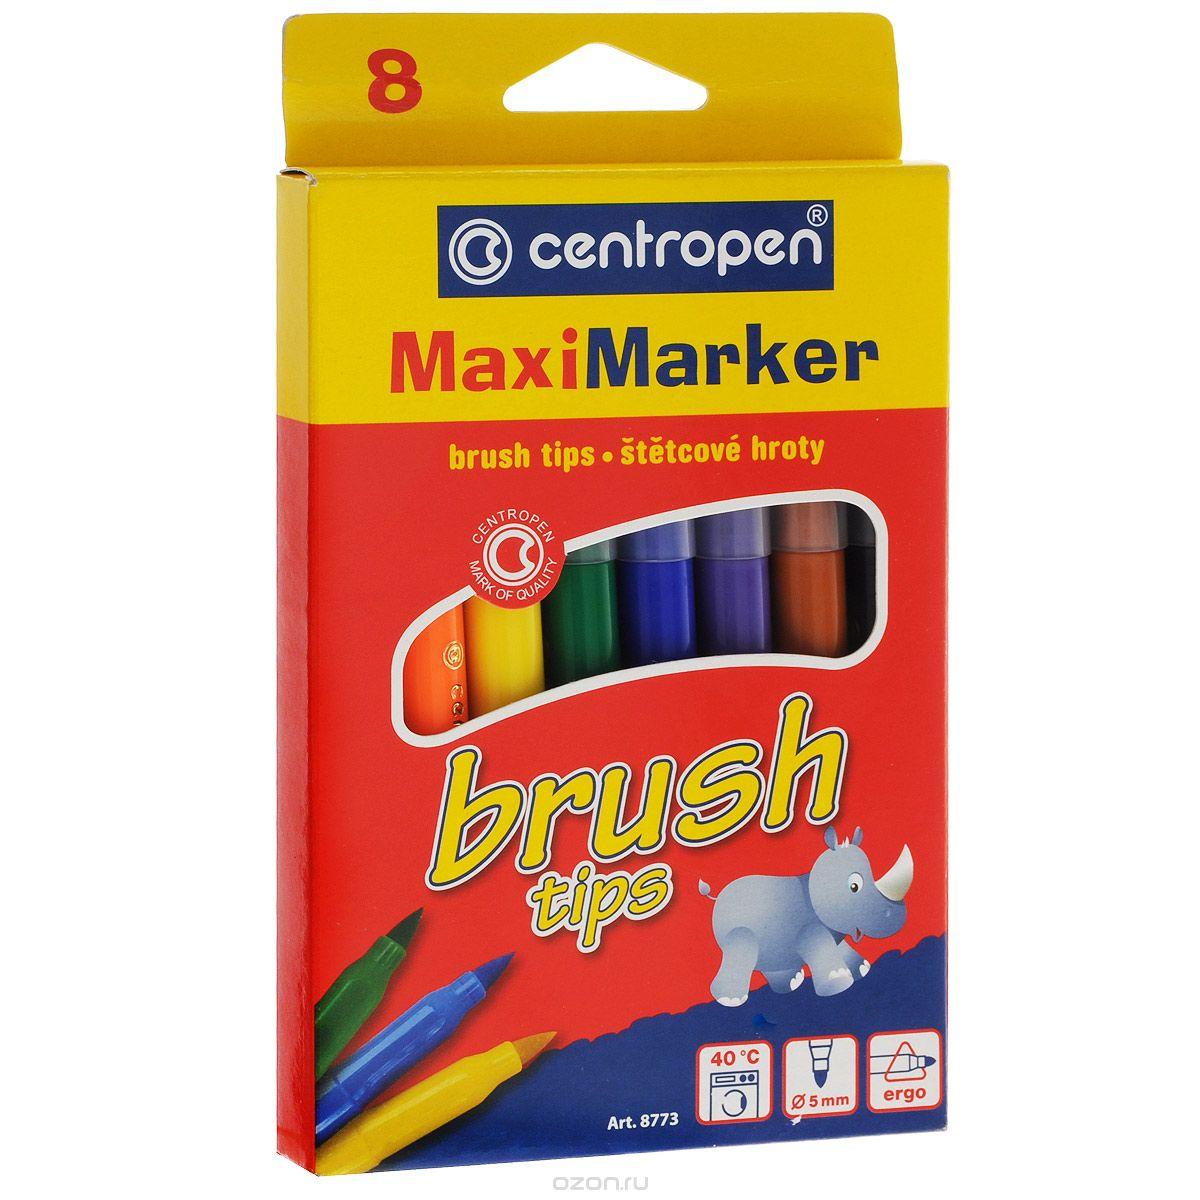 Набор смываемых маркеров Brush, 8 цветов8773/08Характеристики: Длина маркера: 14,5 см. Диаметр наконечника: 5 мм. Размер упаковки: 11 см х 18 см х 1,3 см.